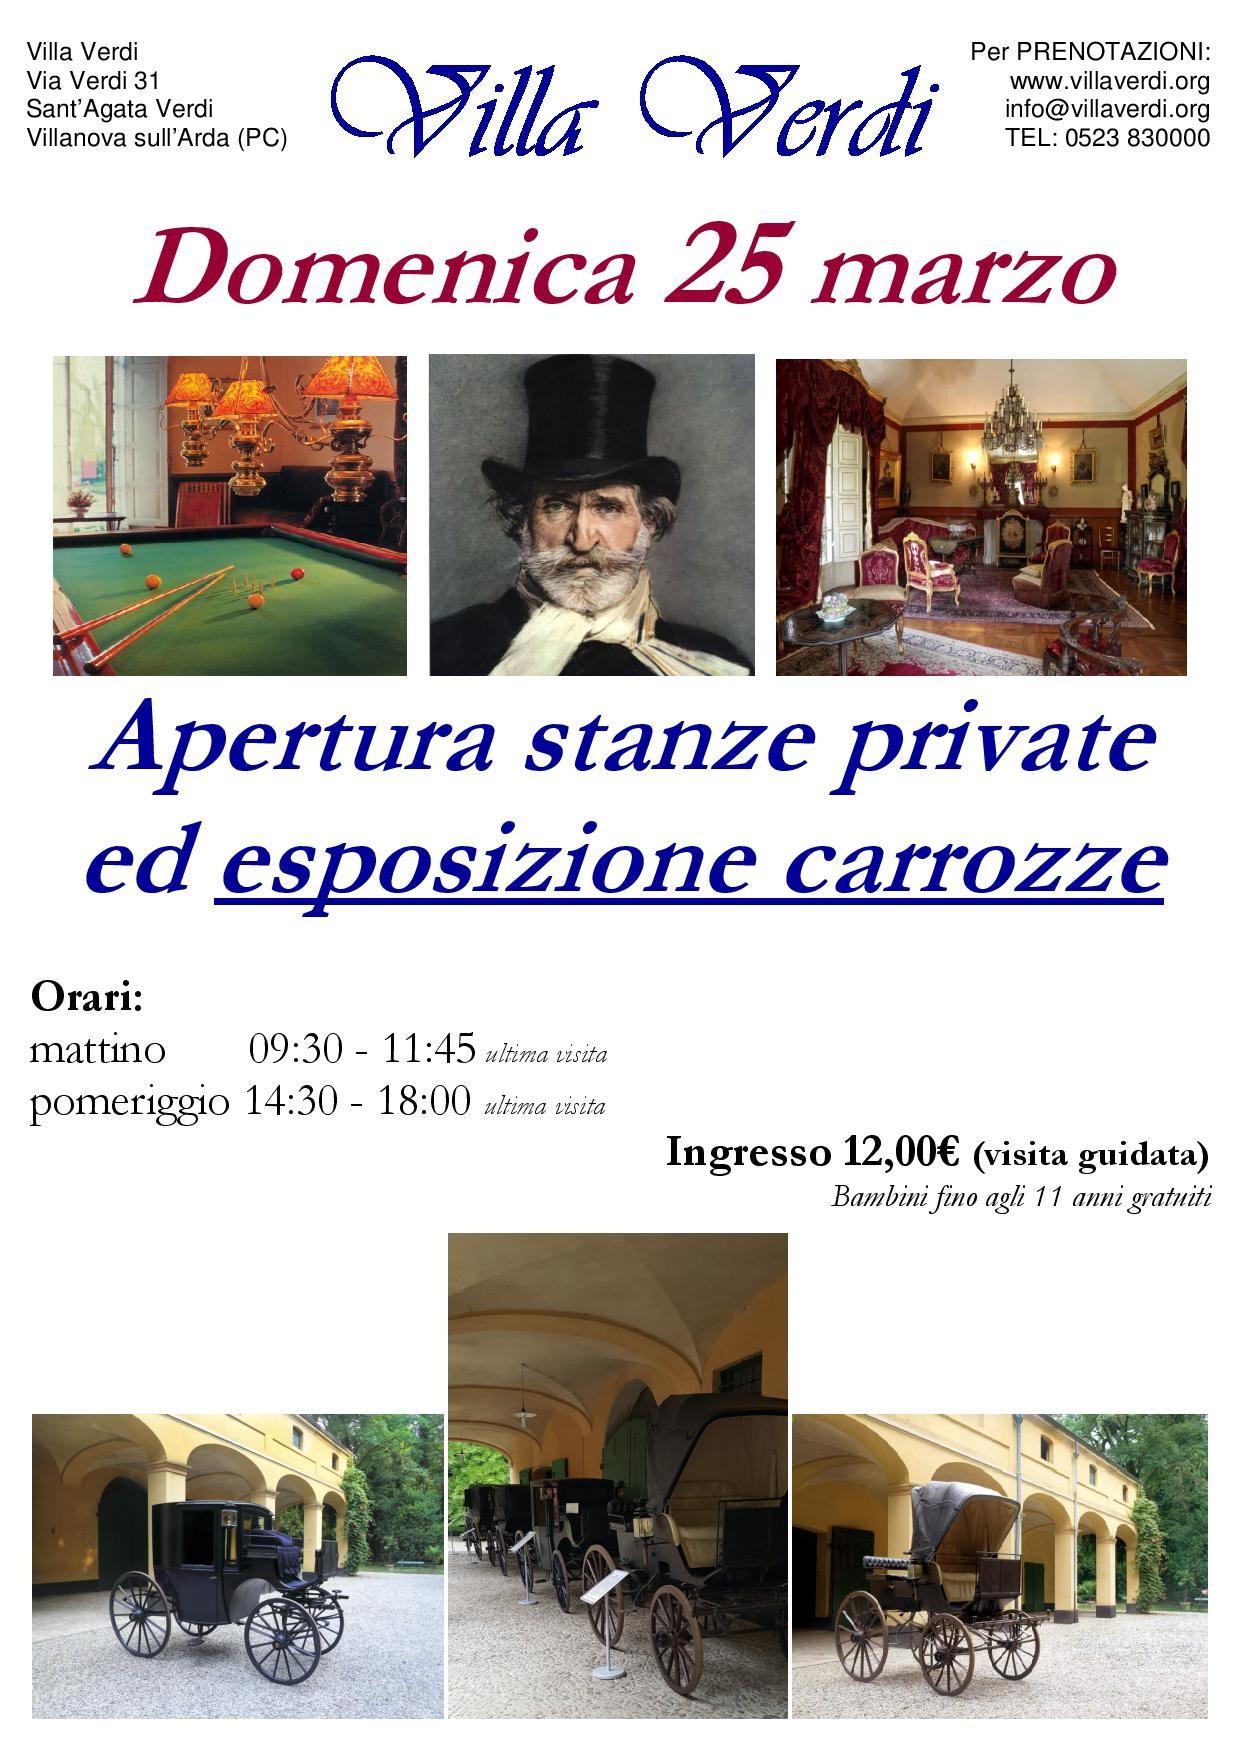 Villa Verdi: apertura straordinaria di alcune stanze private solitamente non visitabili    Inoltre verranno esposte le carrozze del Maestro.